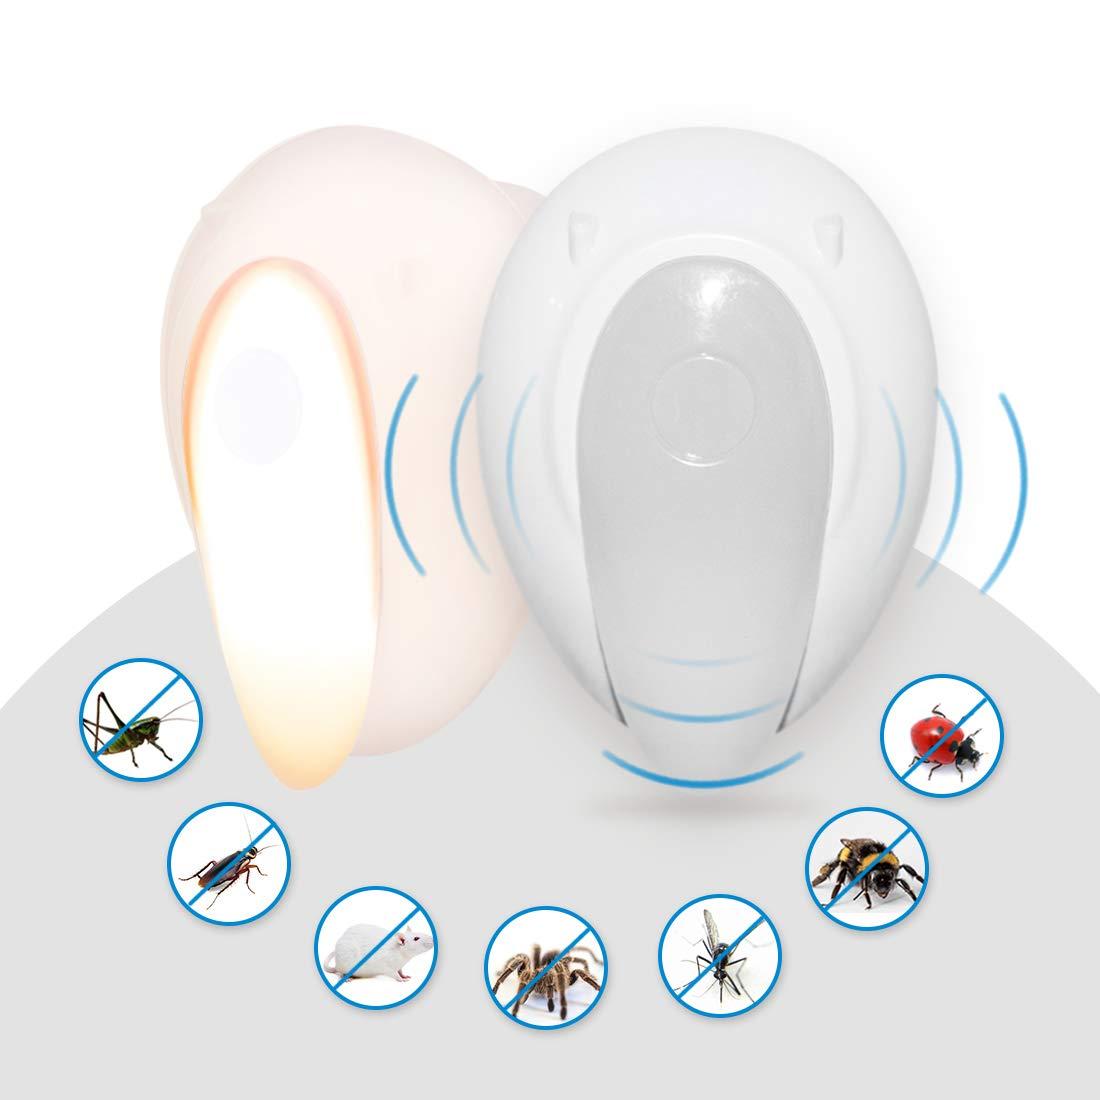 JOKBEN Ultrasonic Pest Repeller, 2pack